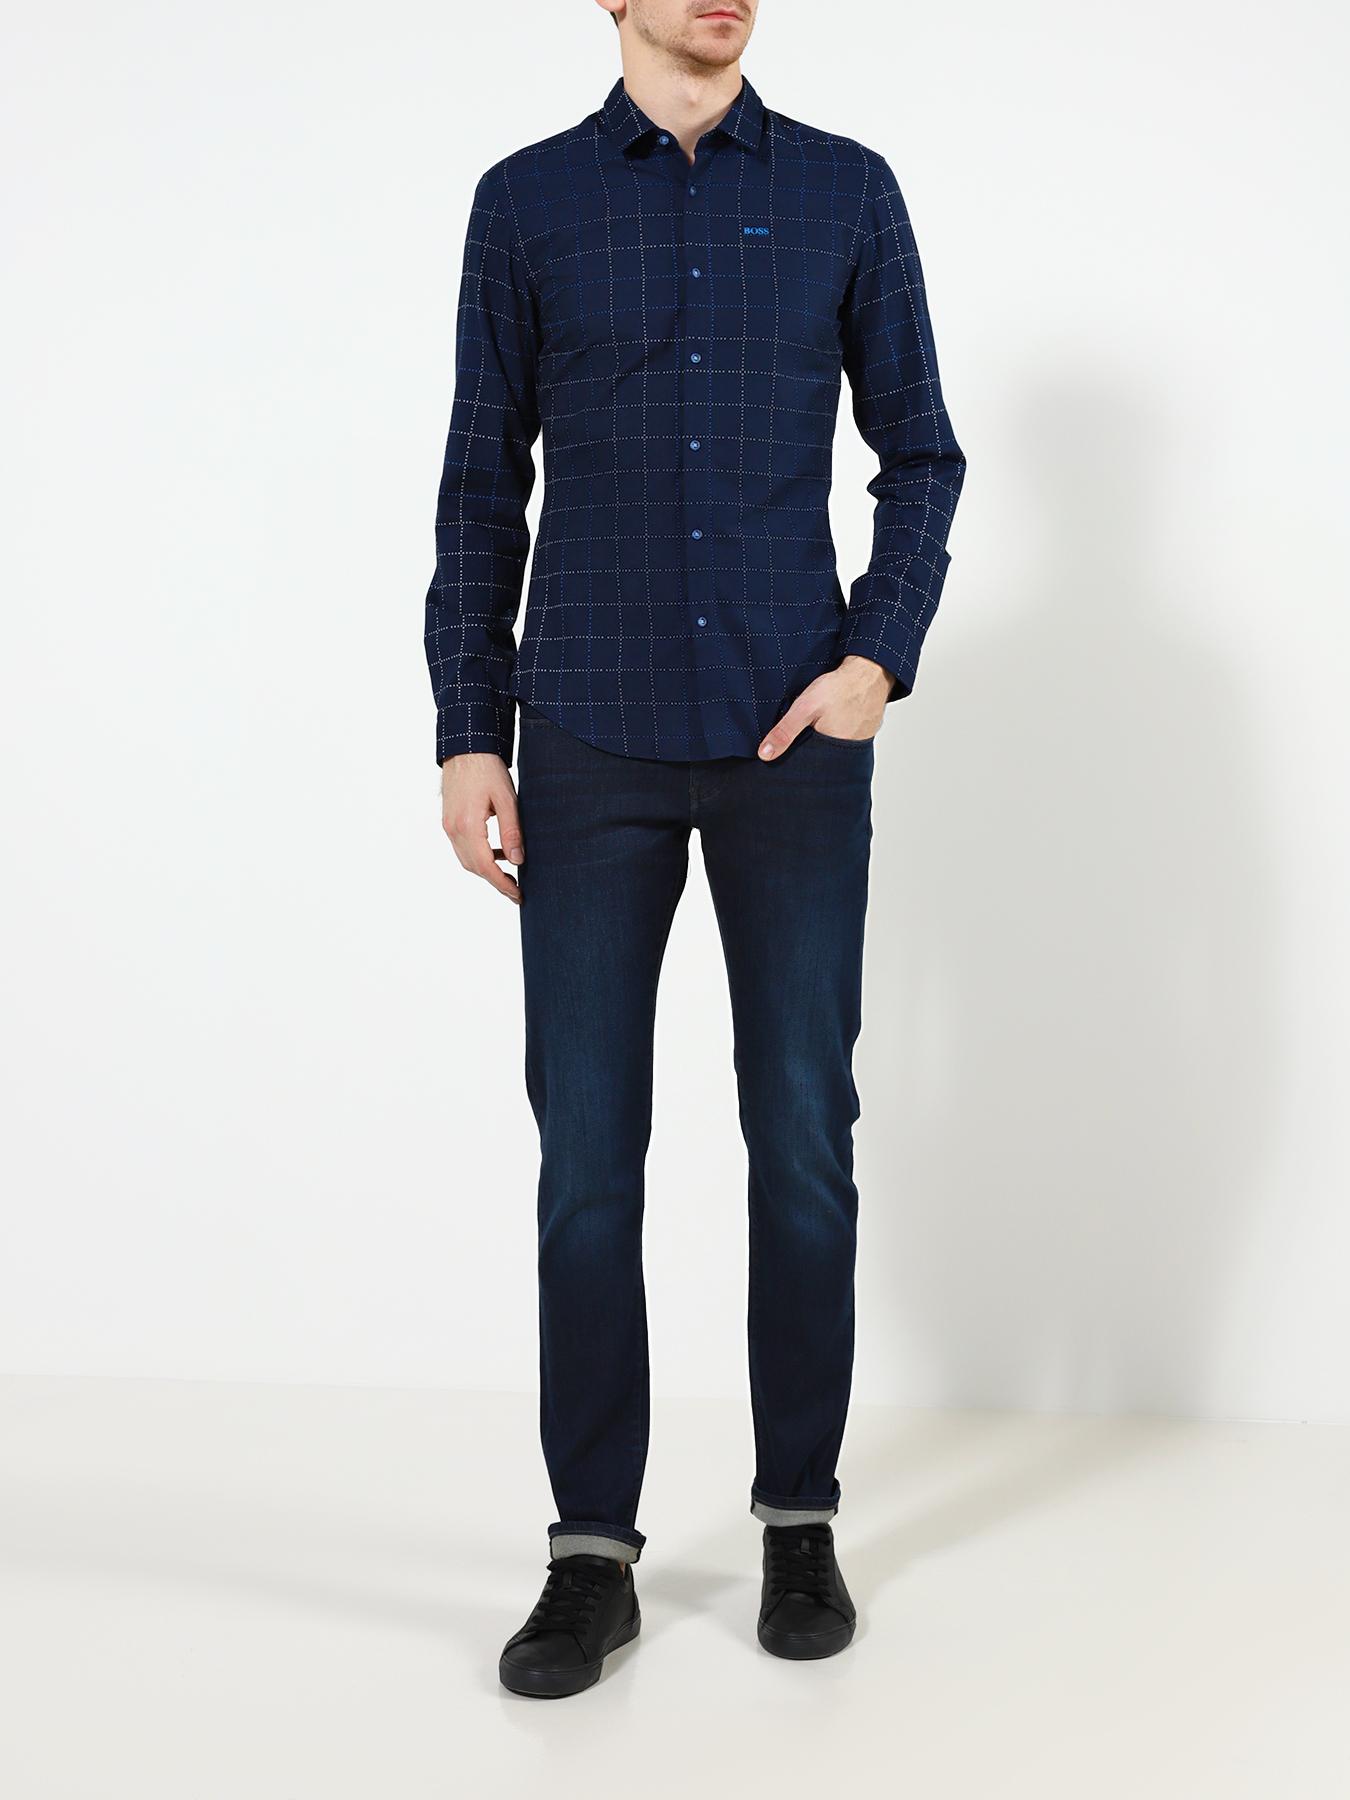 Рубашка BOSS Рубашка с длинным рукавом Bertillo рубашка с длинным рукавом для деловых людей весенняя осень твердый цвет silm fit